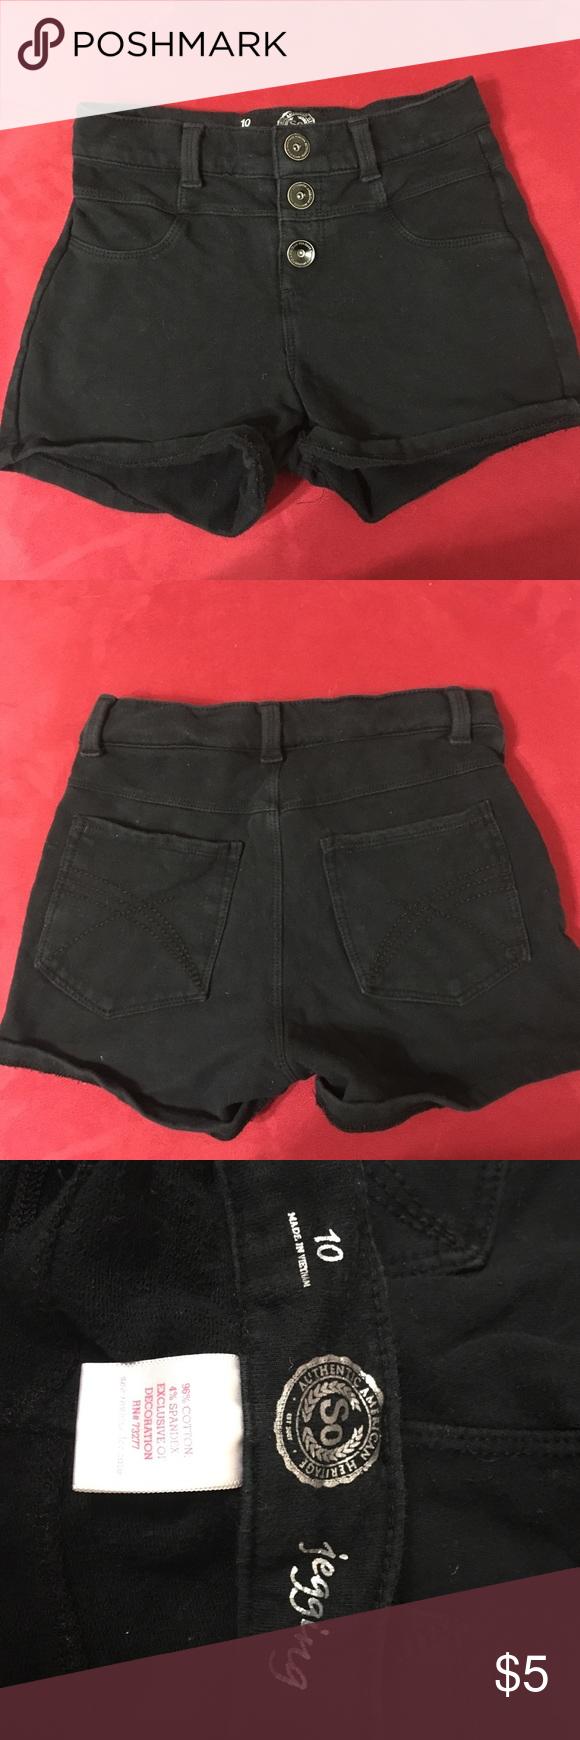 Girls size 10 black jeggin shorts Girls size 10 black jeggin shorts SO Bottoms Shorts